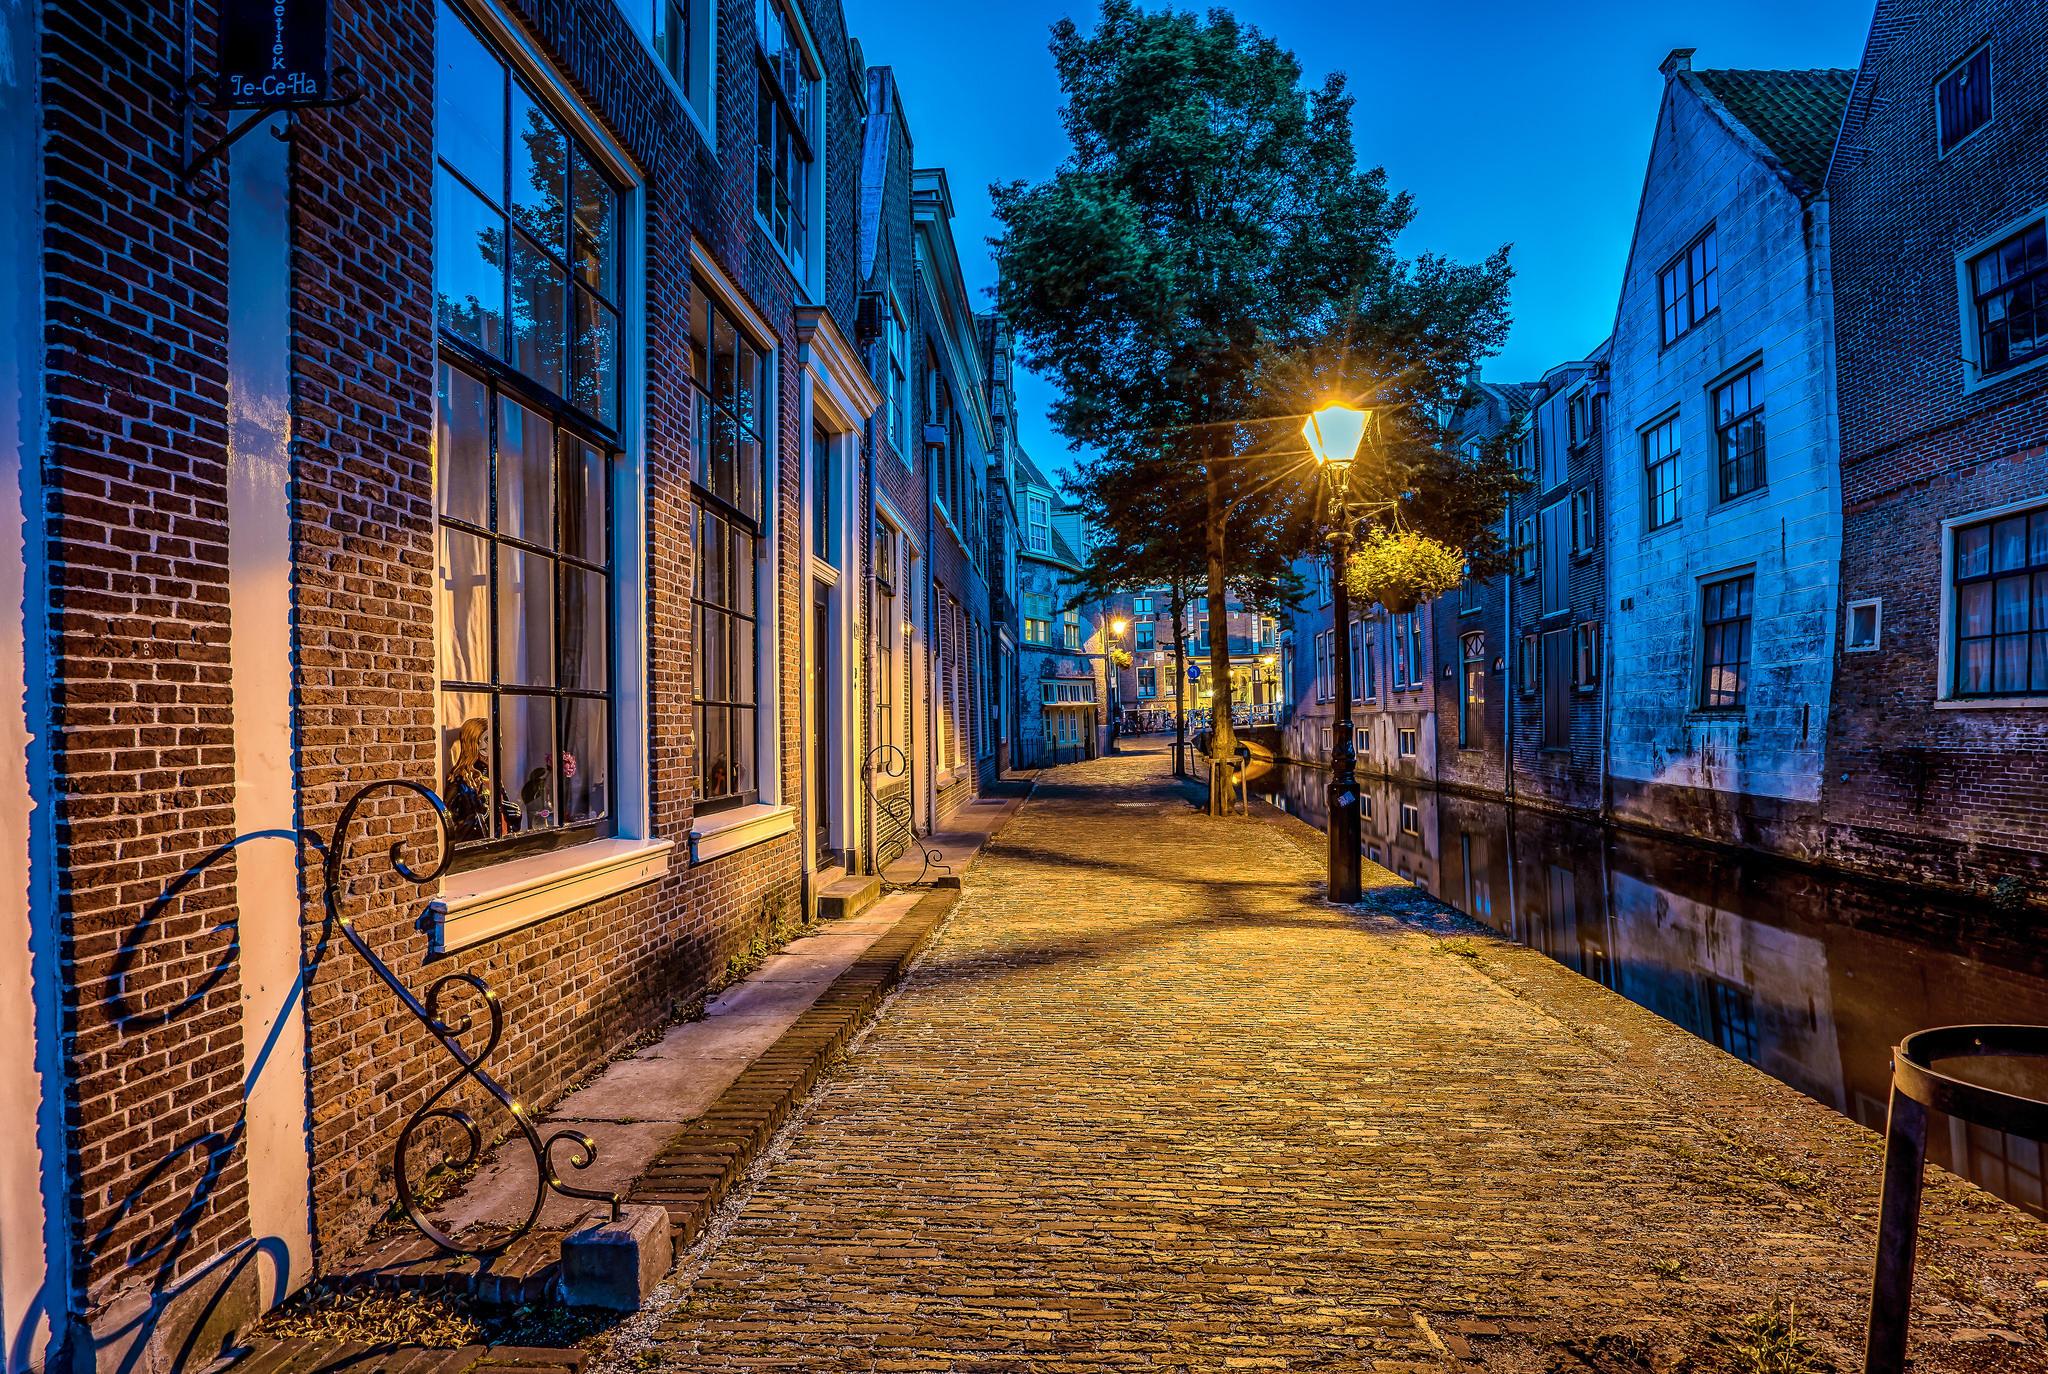 запчасть широкоформатное фото городских улиц про этот ресурс